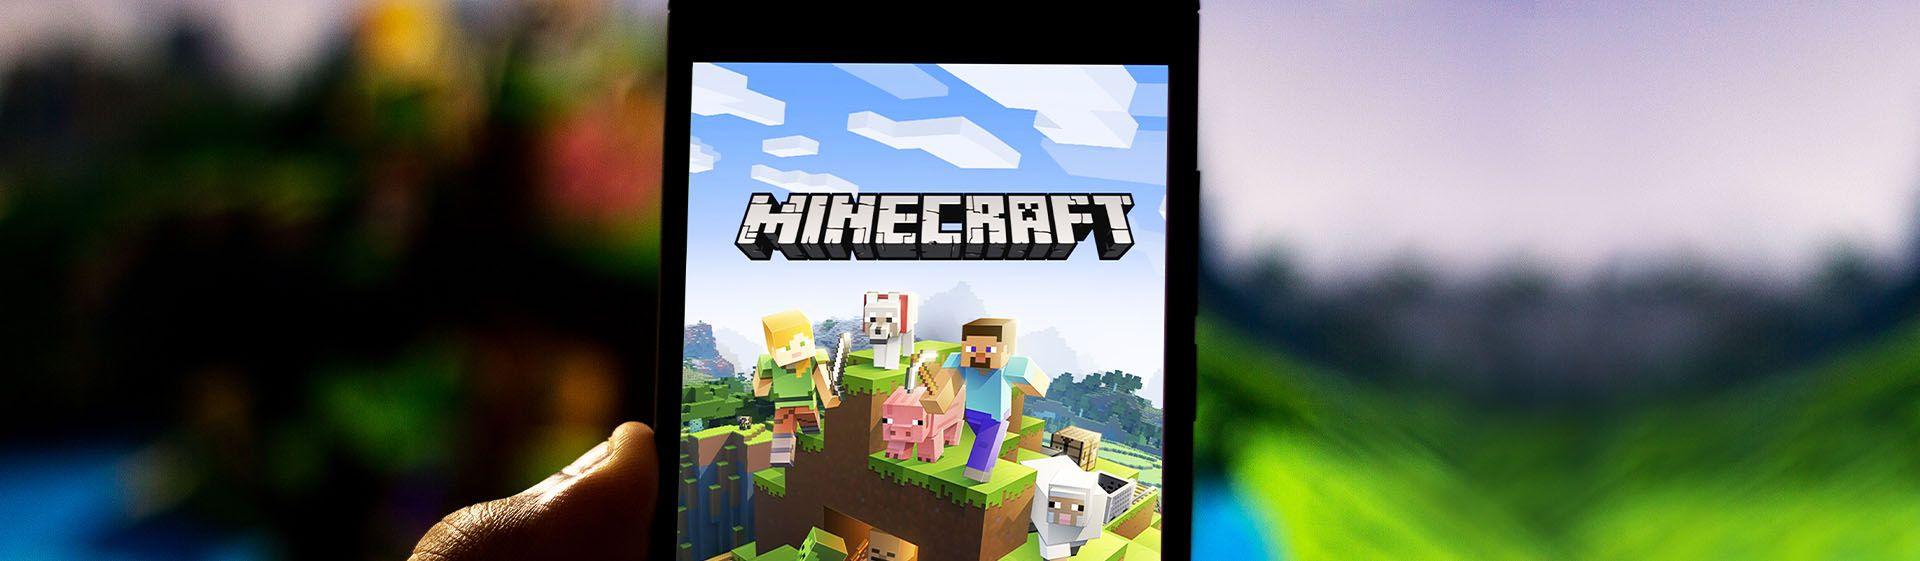 Jogos para crianças: os melhores games infantis para consoles e PC